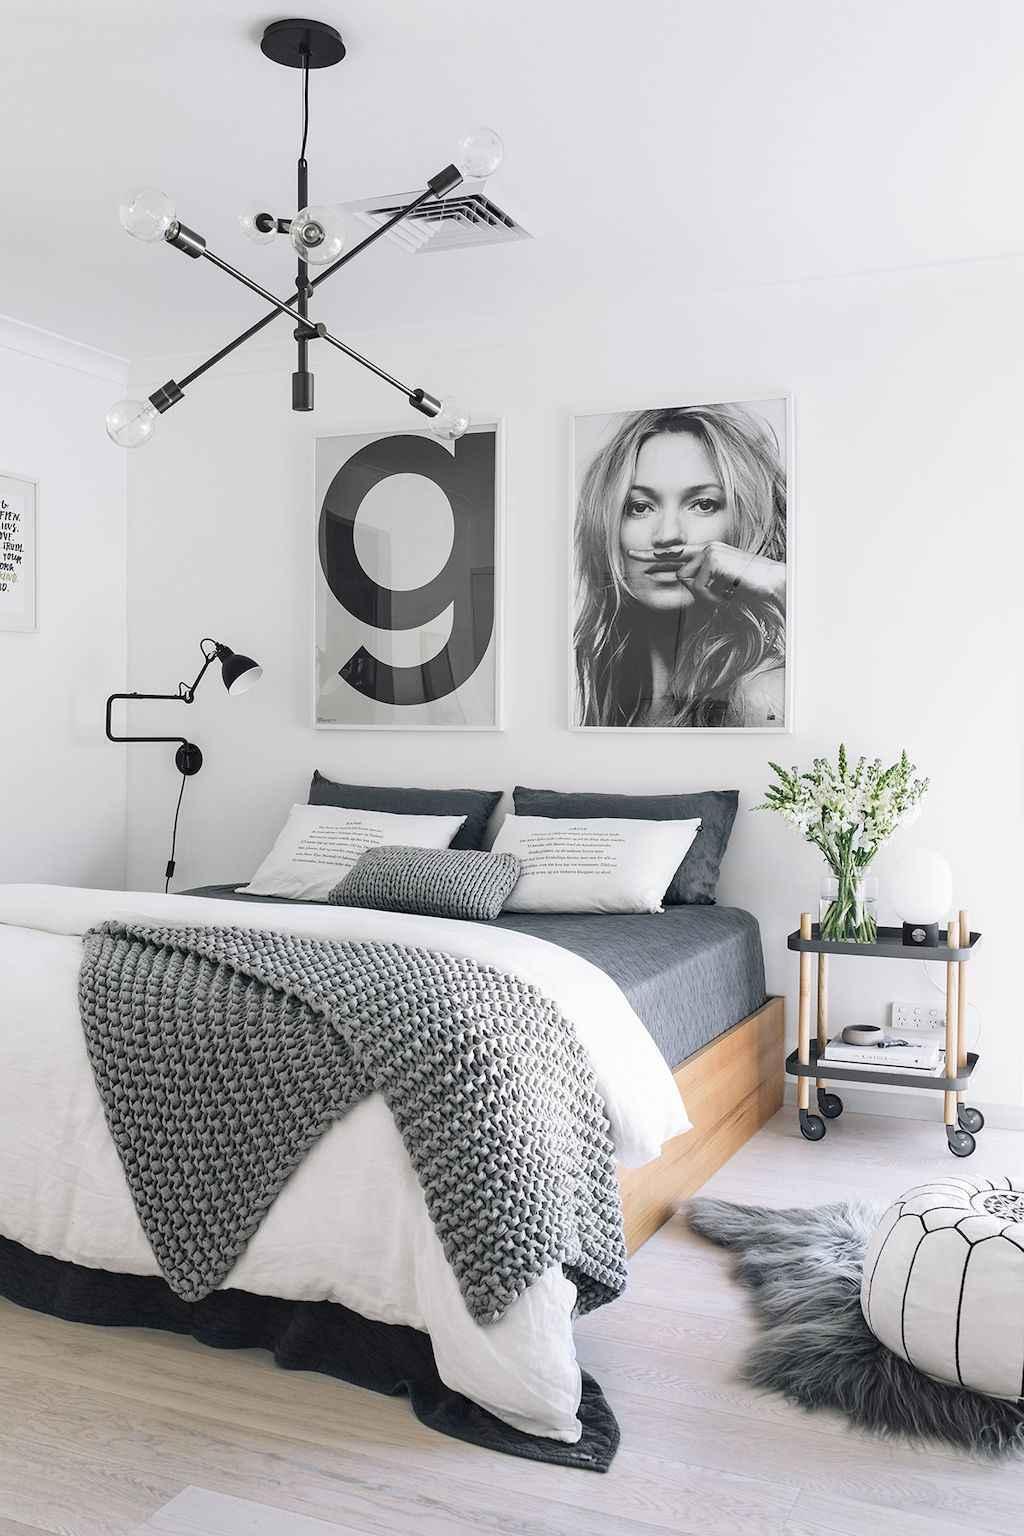 60 favourite scandinavian bedroom of 2017 (38)